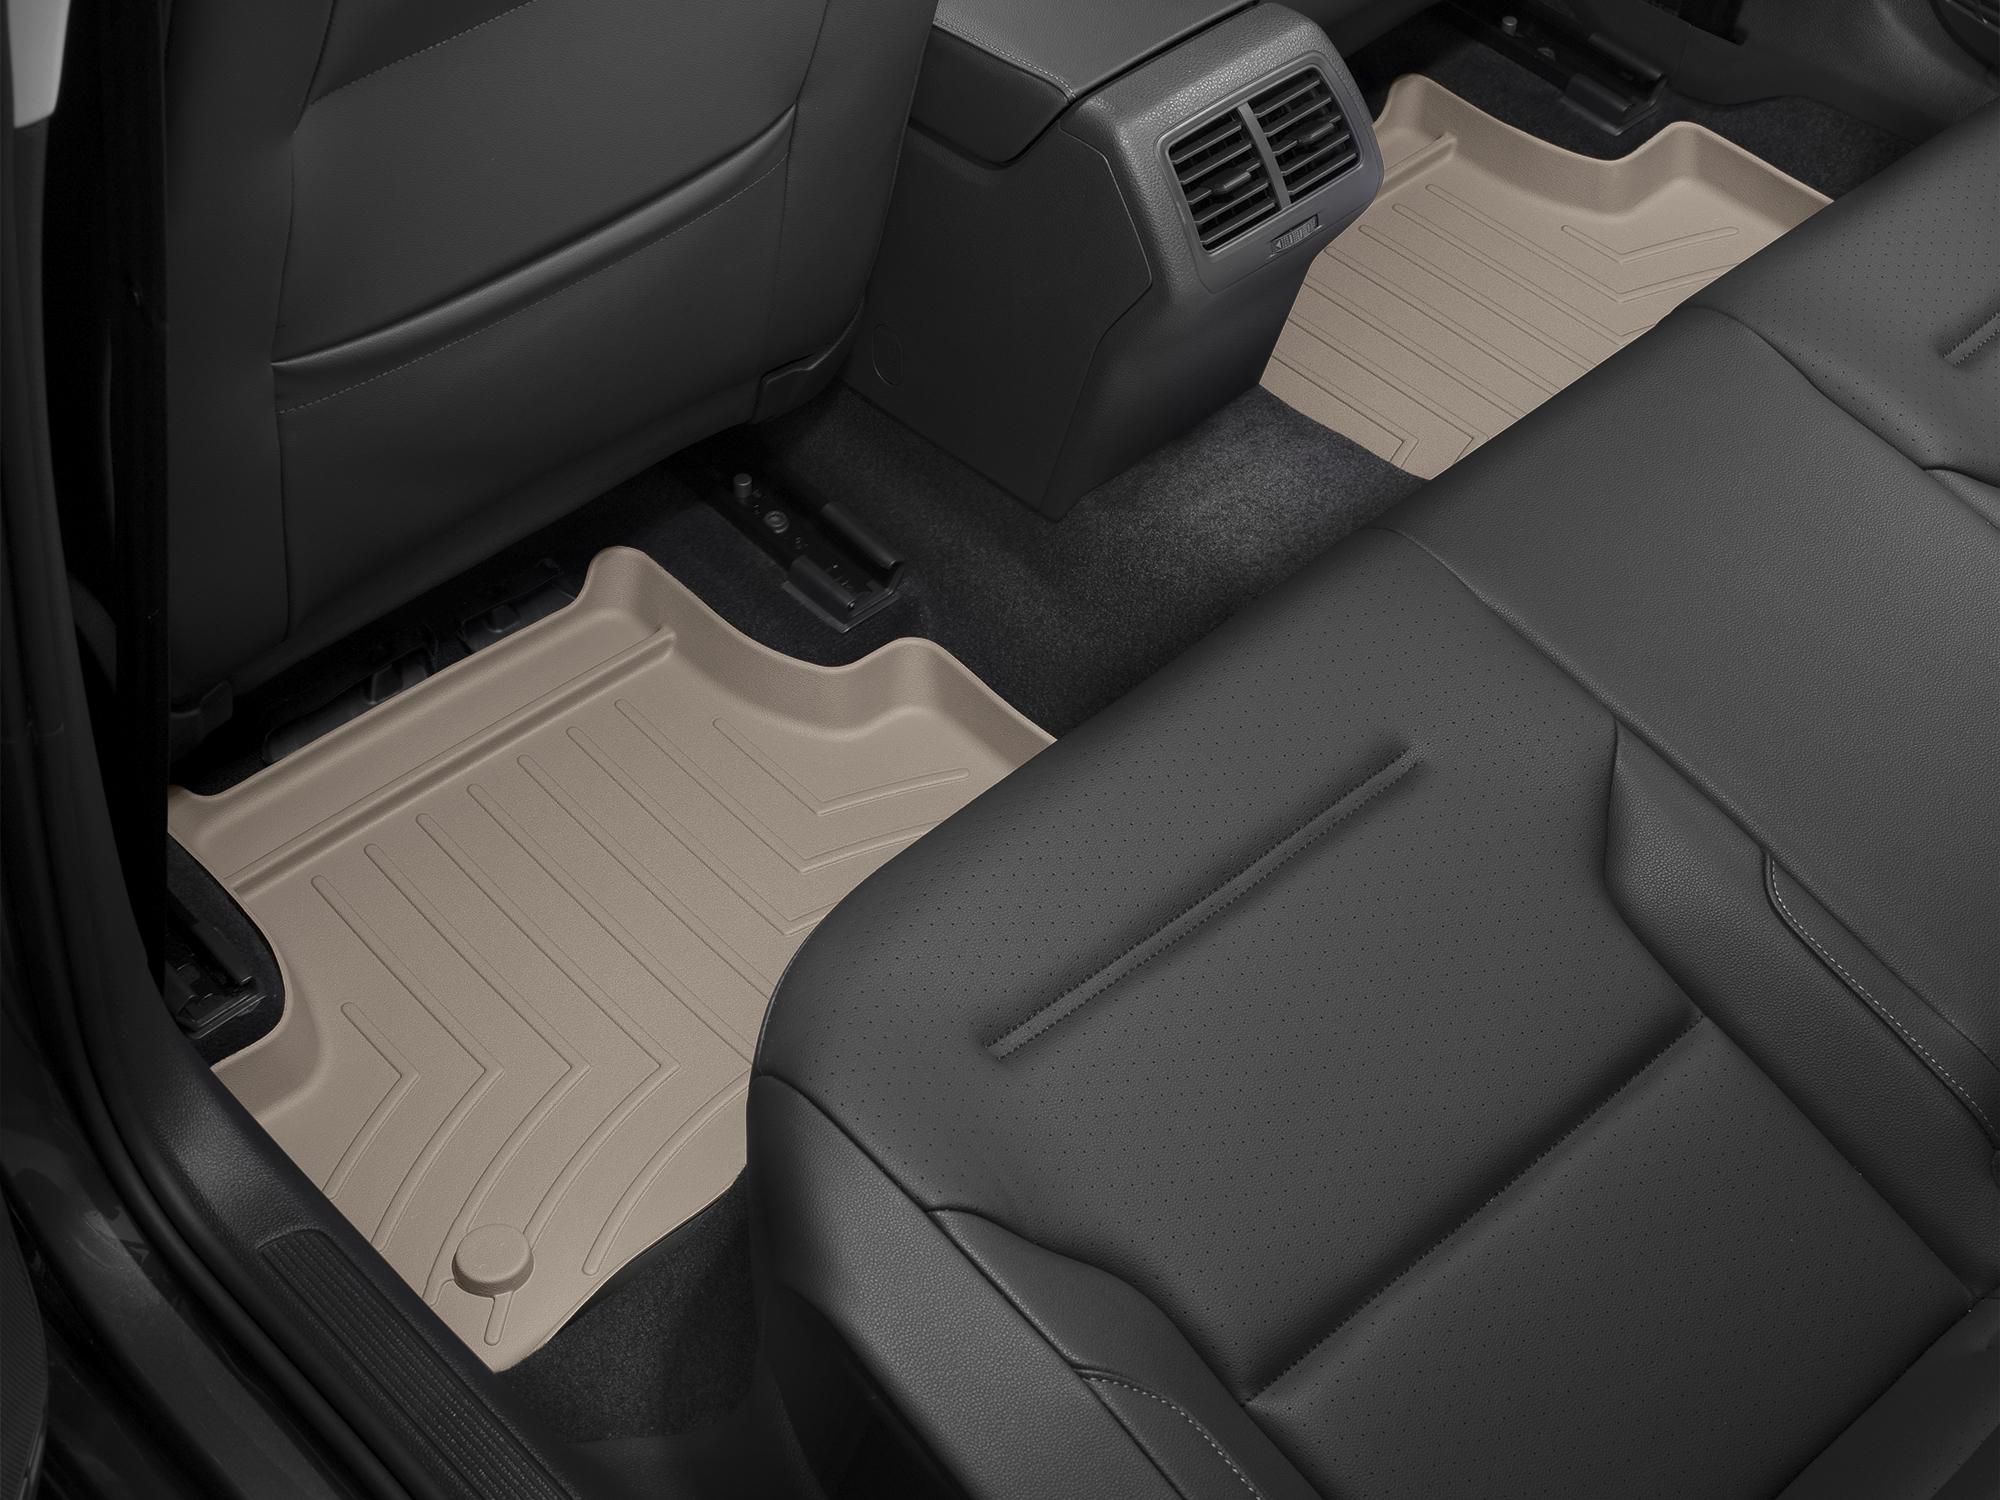 Tappeti gomma su misura bordo alto Volkswagen Golf 4Mot.13>17 Marrone A4067*